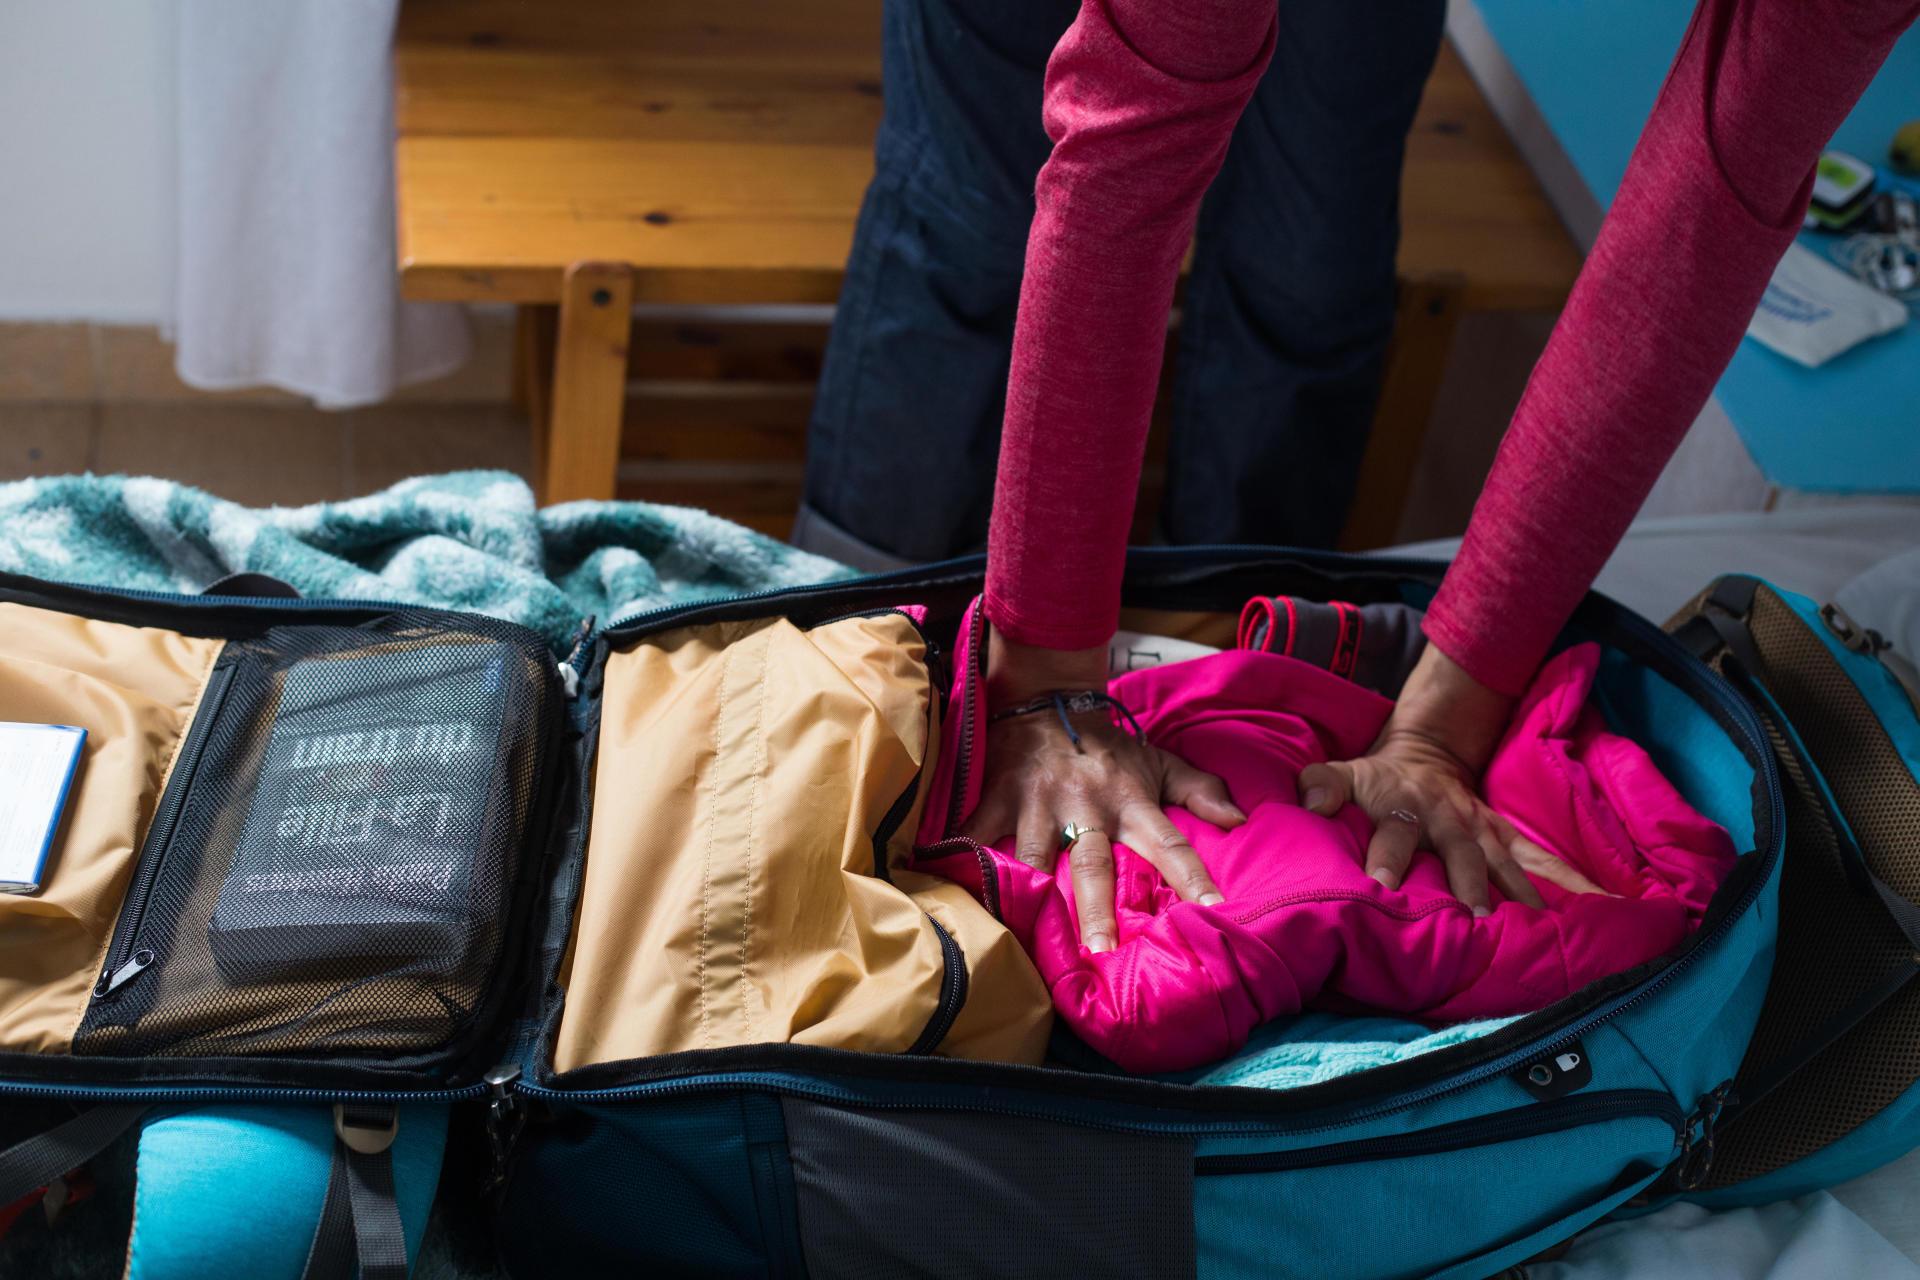 préparer son voyage en sac à dos